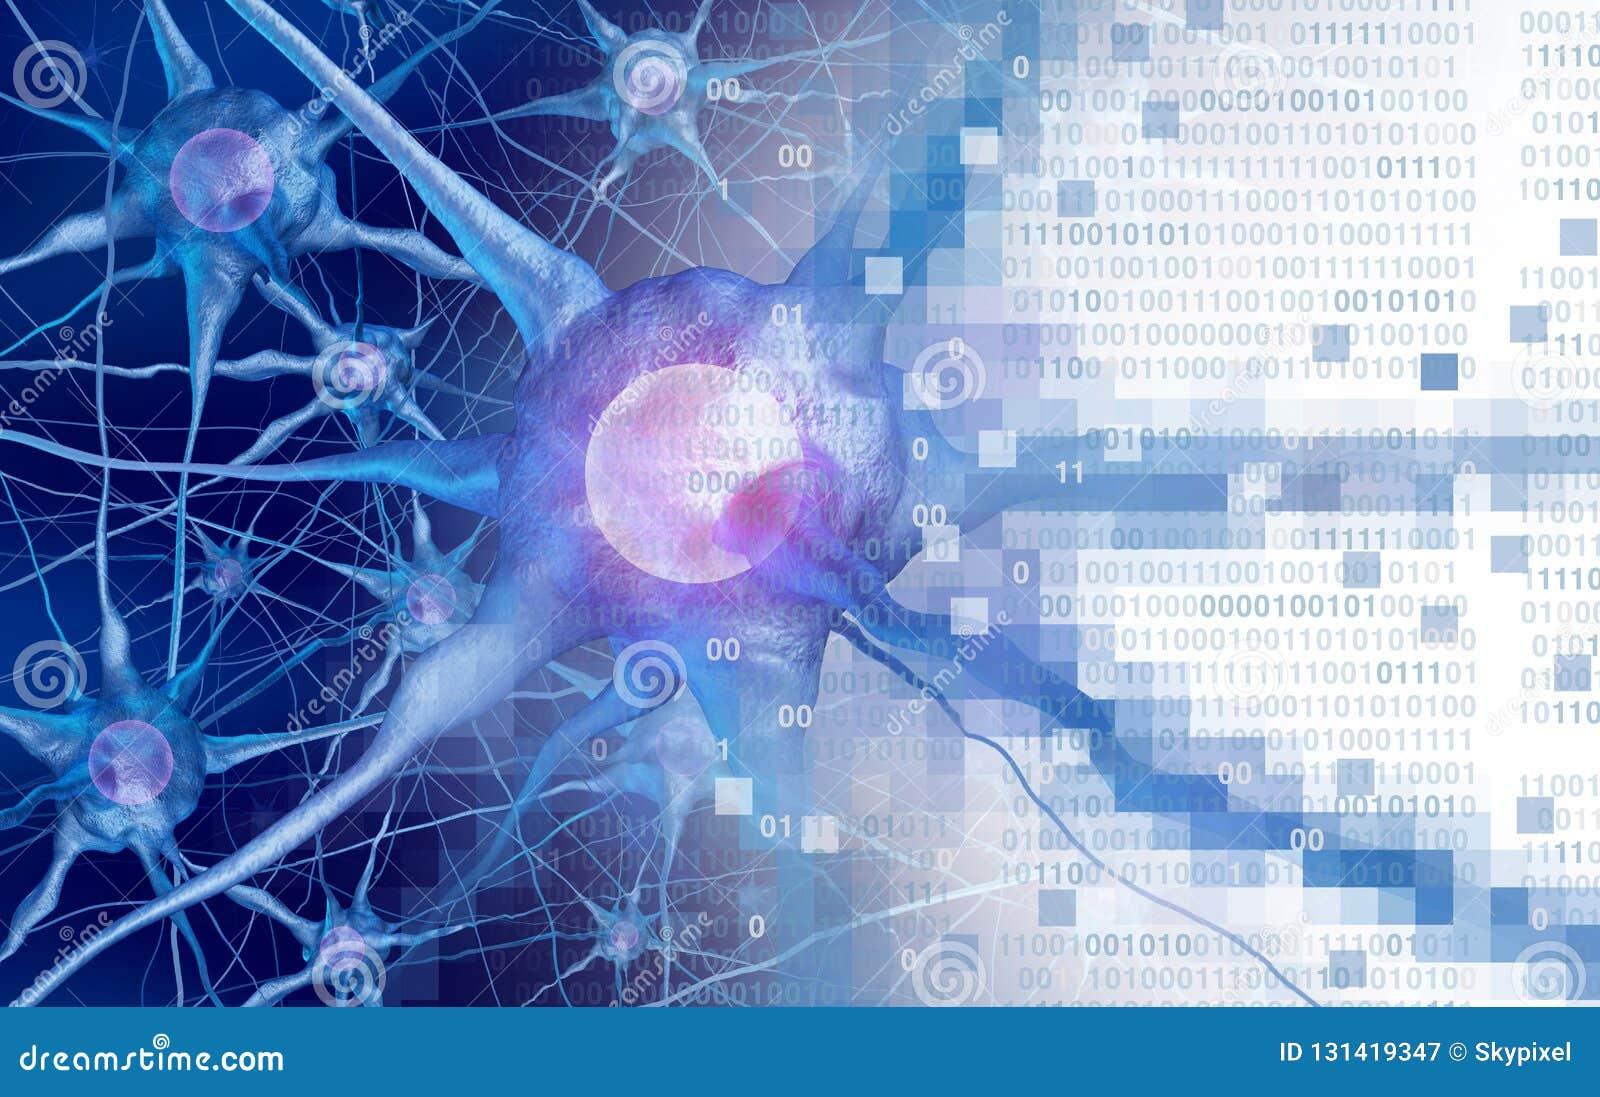 AI en neurologieaor digitaal de functieconcept van neurologiehersenen als kunstmatige intelligentie of virtuele werkelijkheidstec